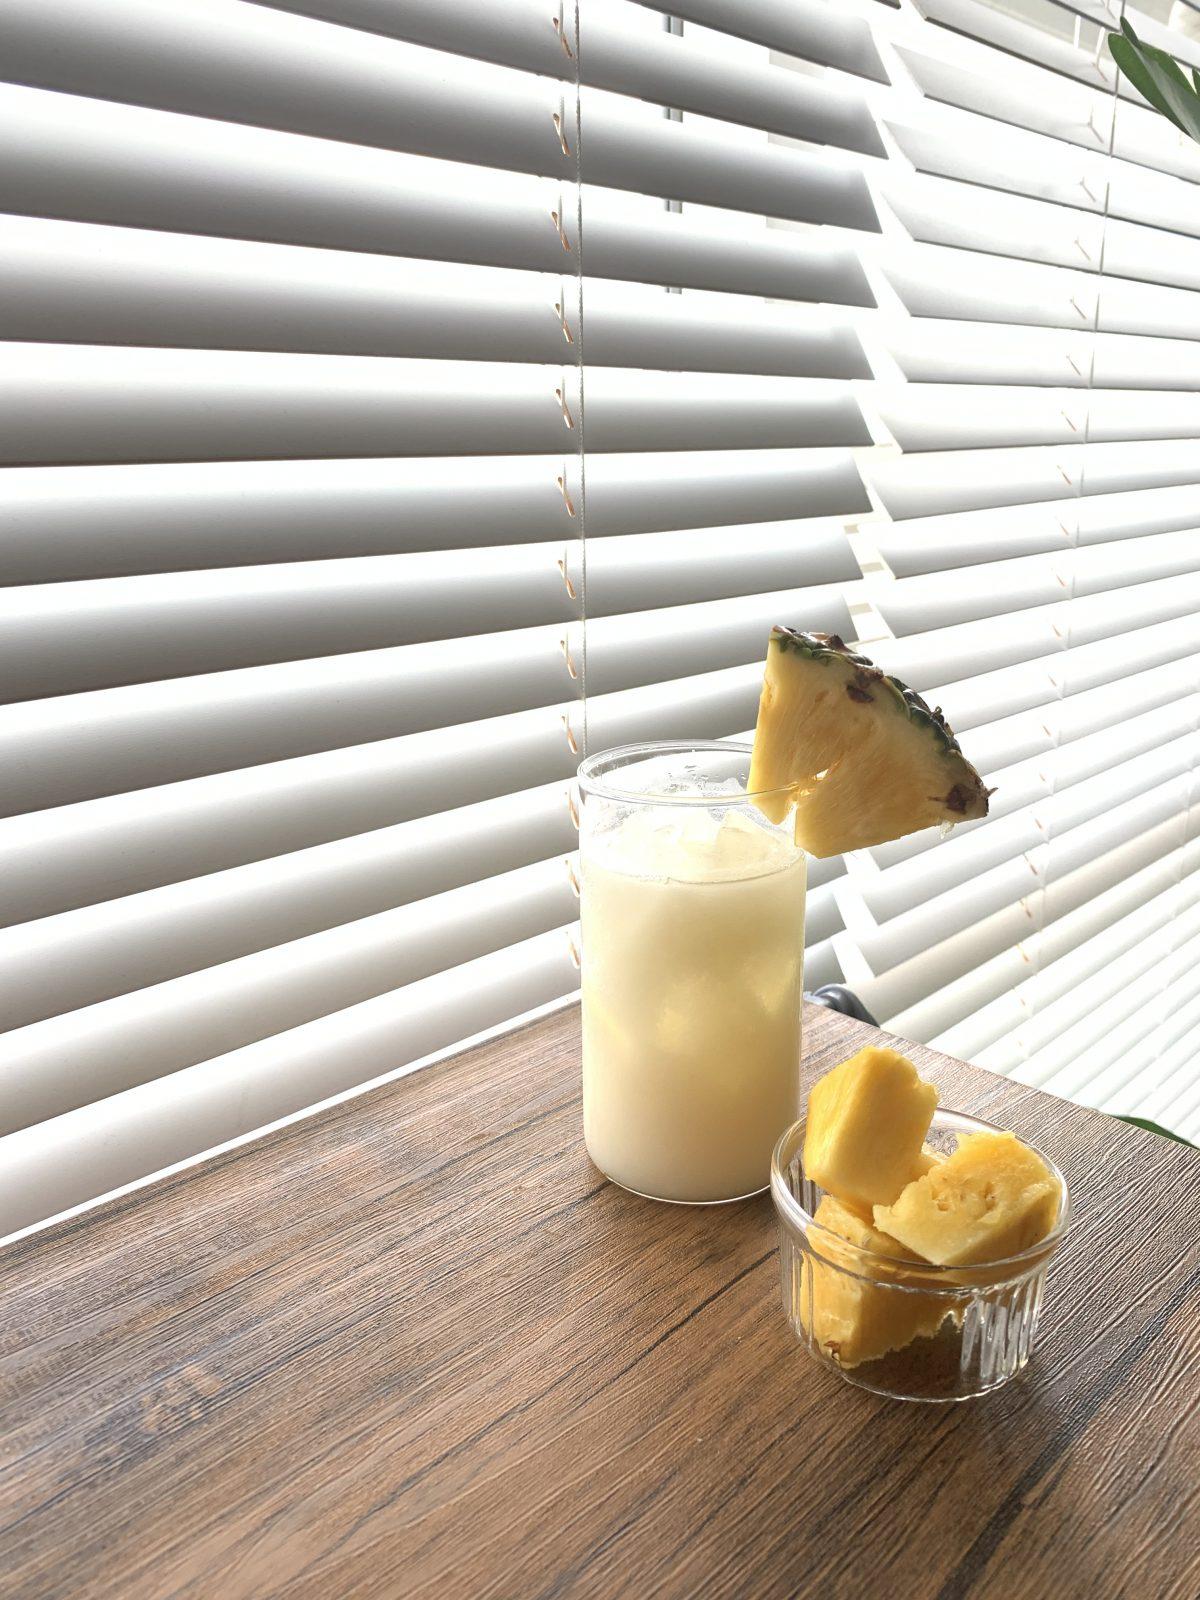 パイナップルとパイナップルスムージー